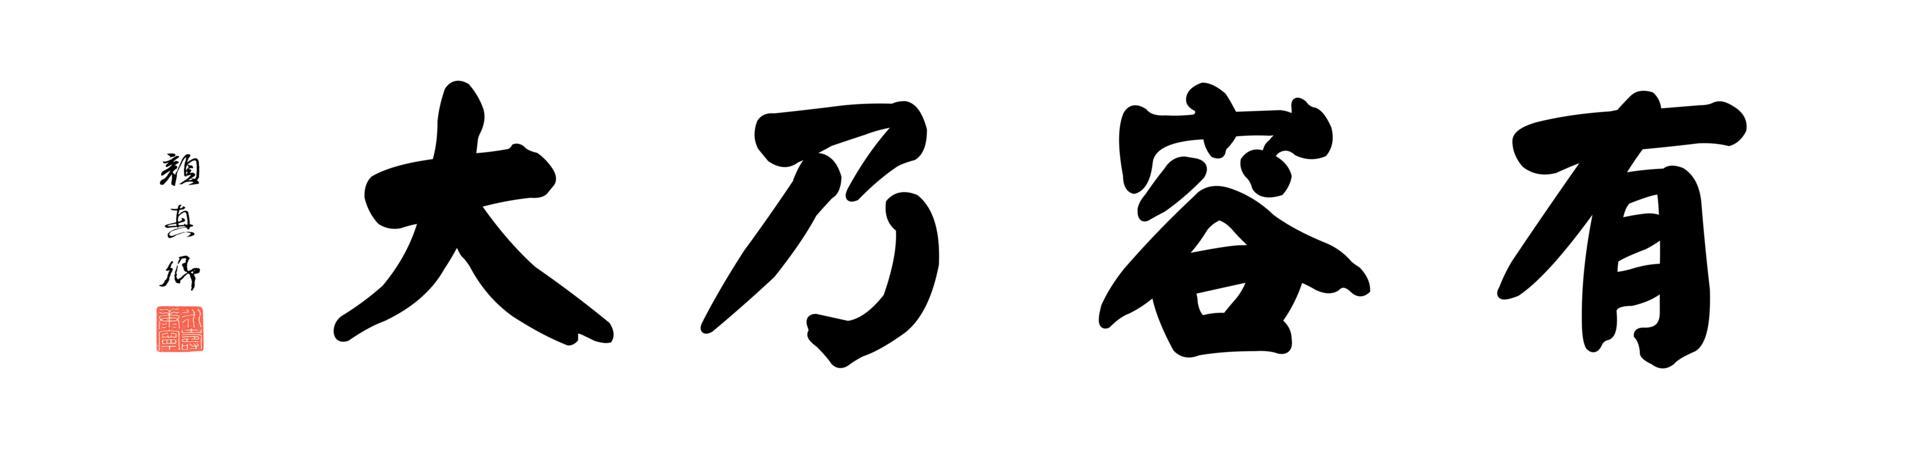 0205_颜真卿大楷数字书法-四字横幅有容乃大136x33cm_21417x5197PX_TIF_400DPI_326_0